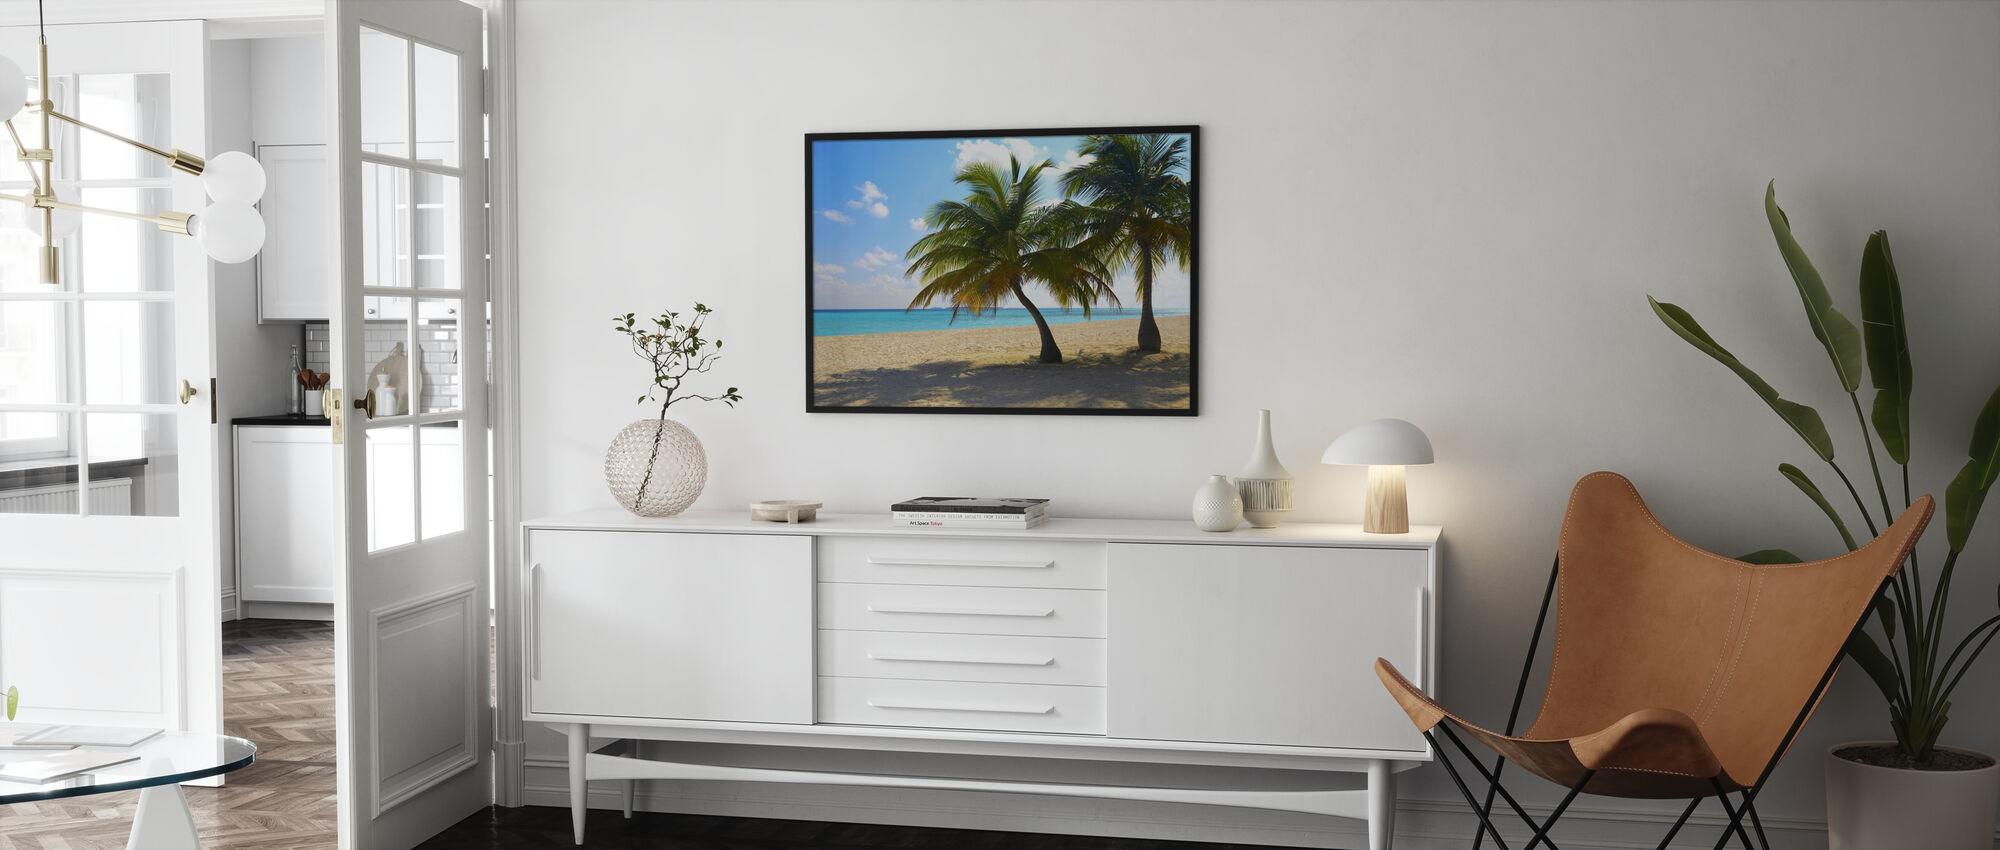 Maldives - Poster - Wohnzimmer